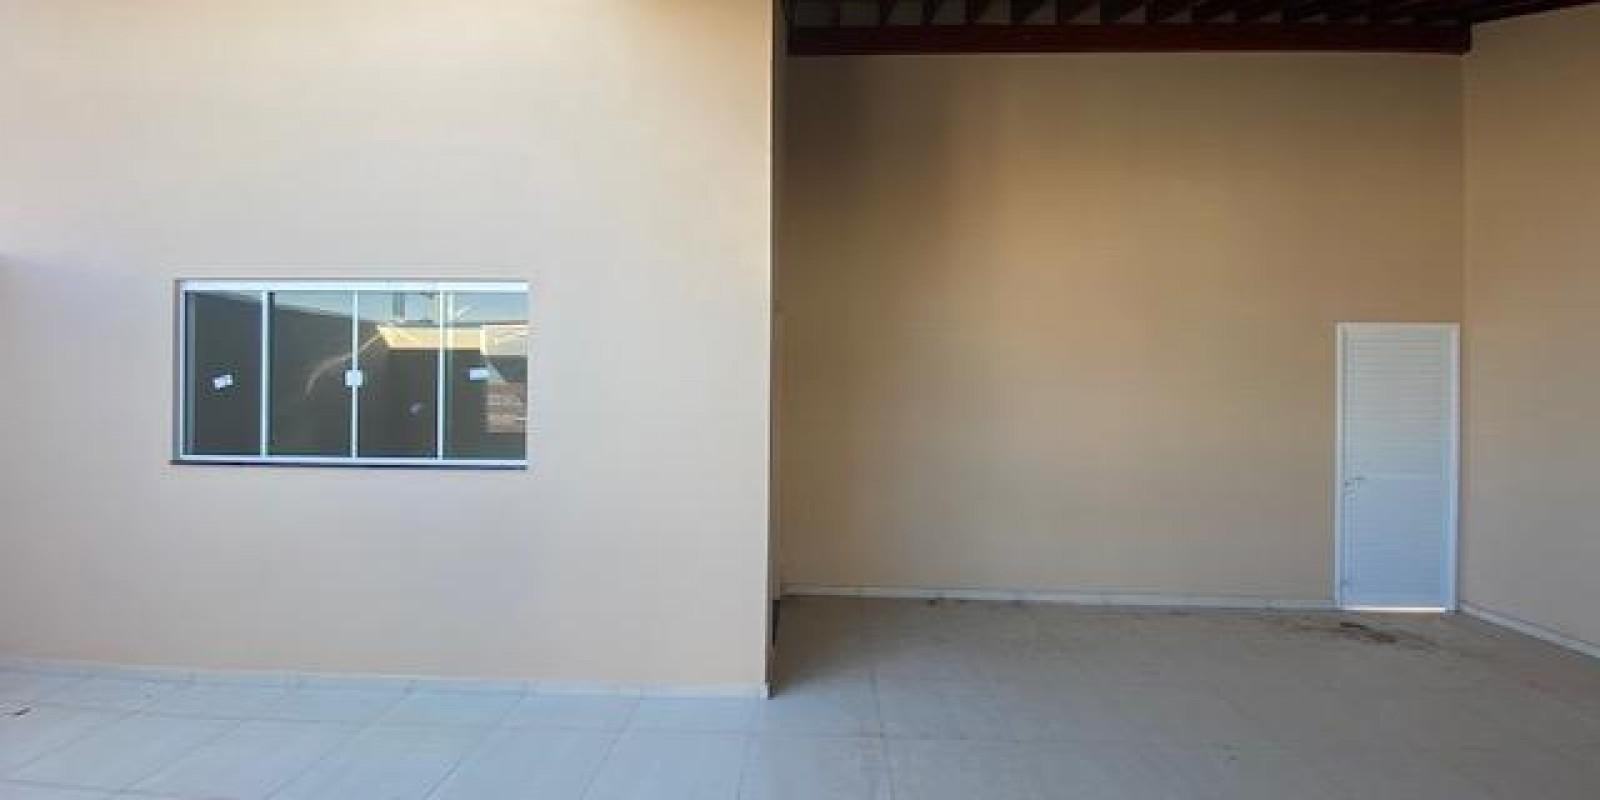 Casa no Bairro Di Fiori em Avaré SP - Foto 3 de 24